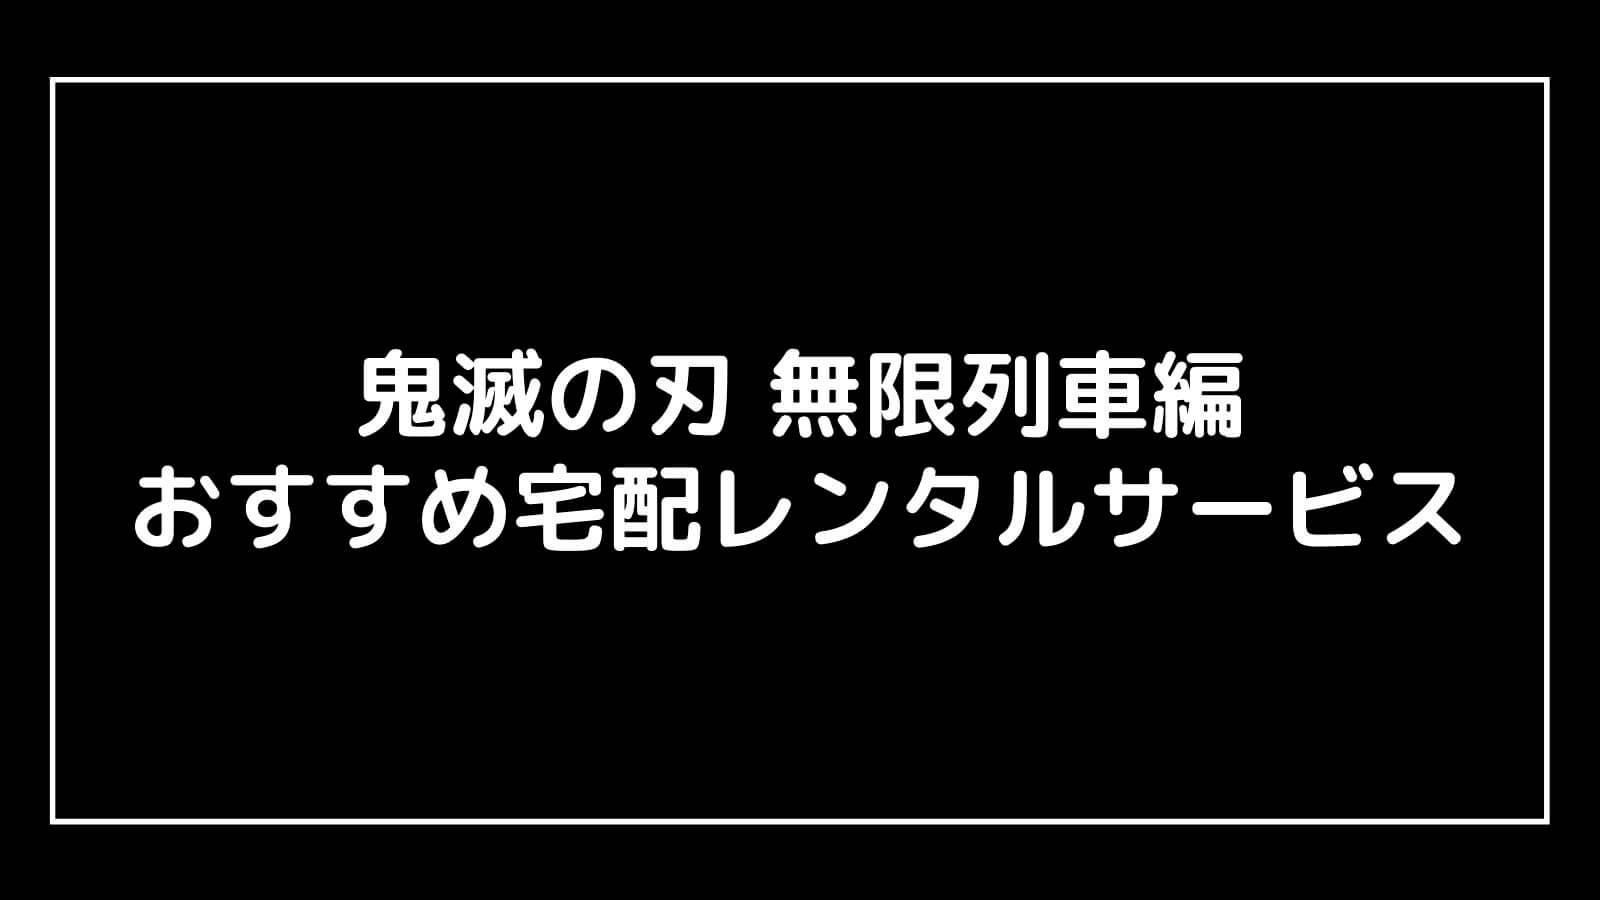 映画『鬼滅の刃 無限列車編』のDVDを宅配レンタルできるサブスクサービスまとめ